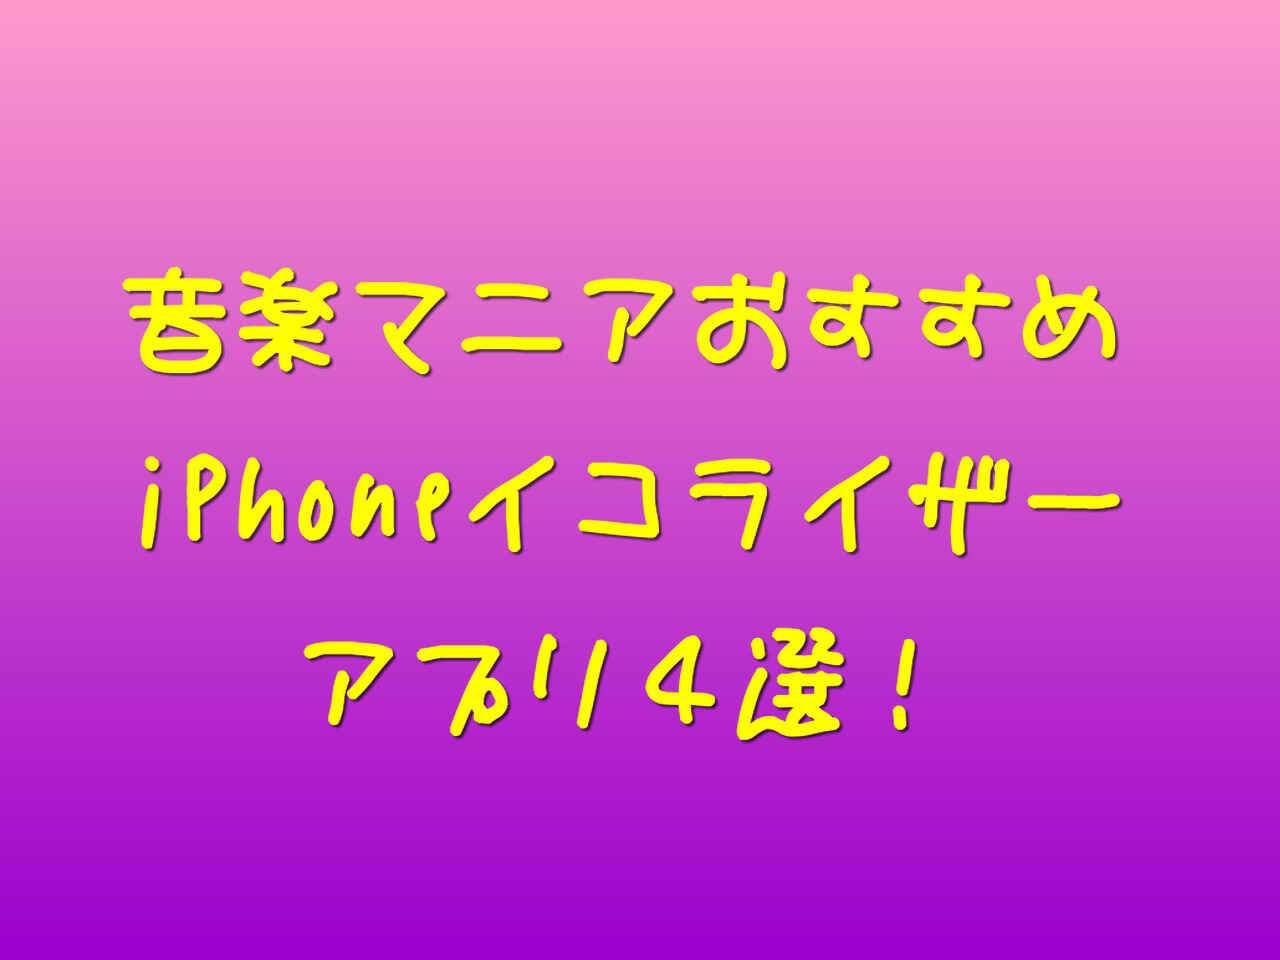 音楽マニアおすすめのiPhoneイコライザーアプリ4選!